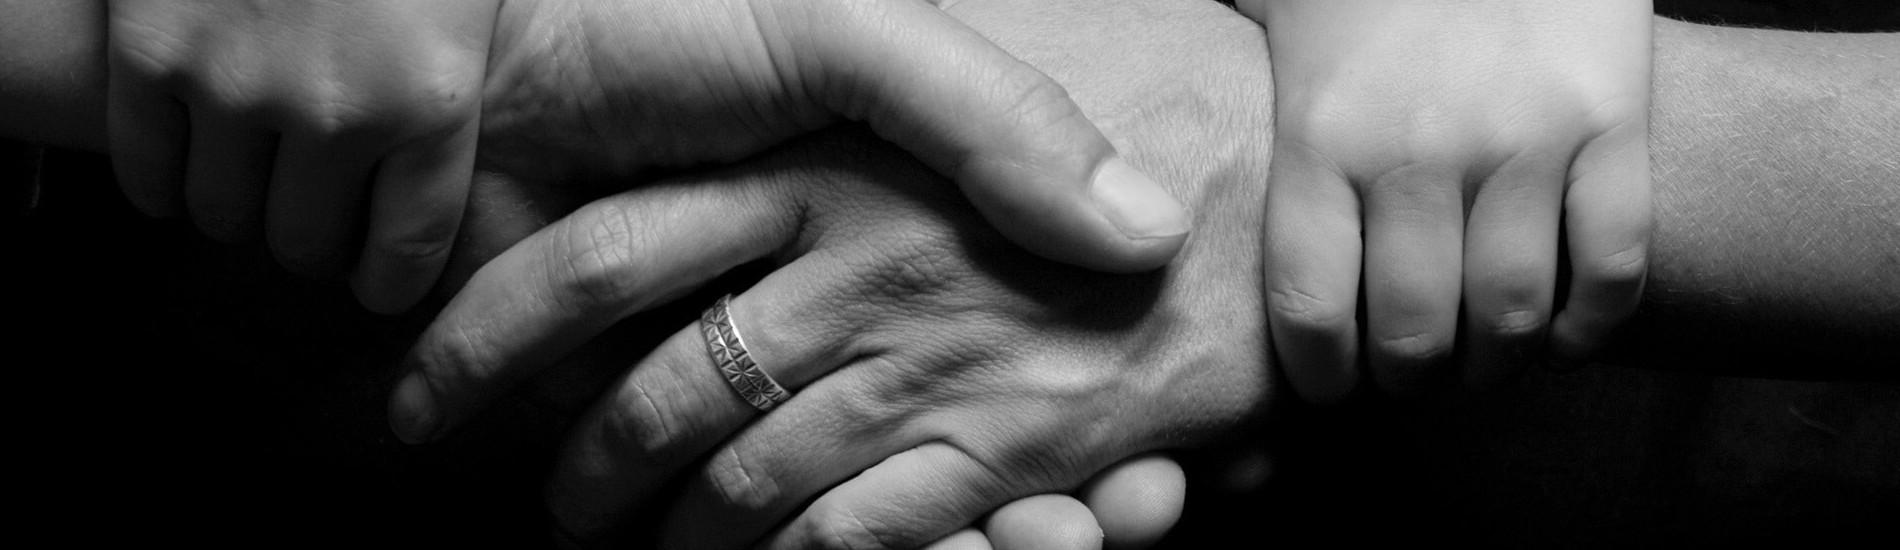 Ograniczenie praw rodzicielskich – z czym się wiąże?